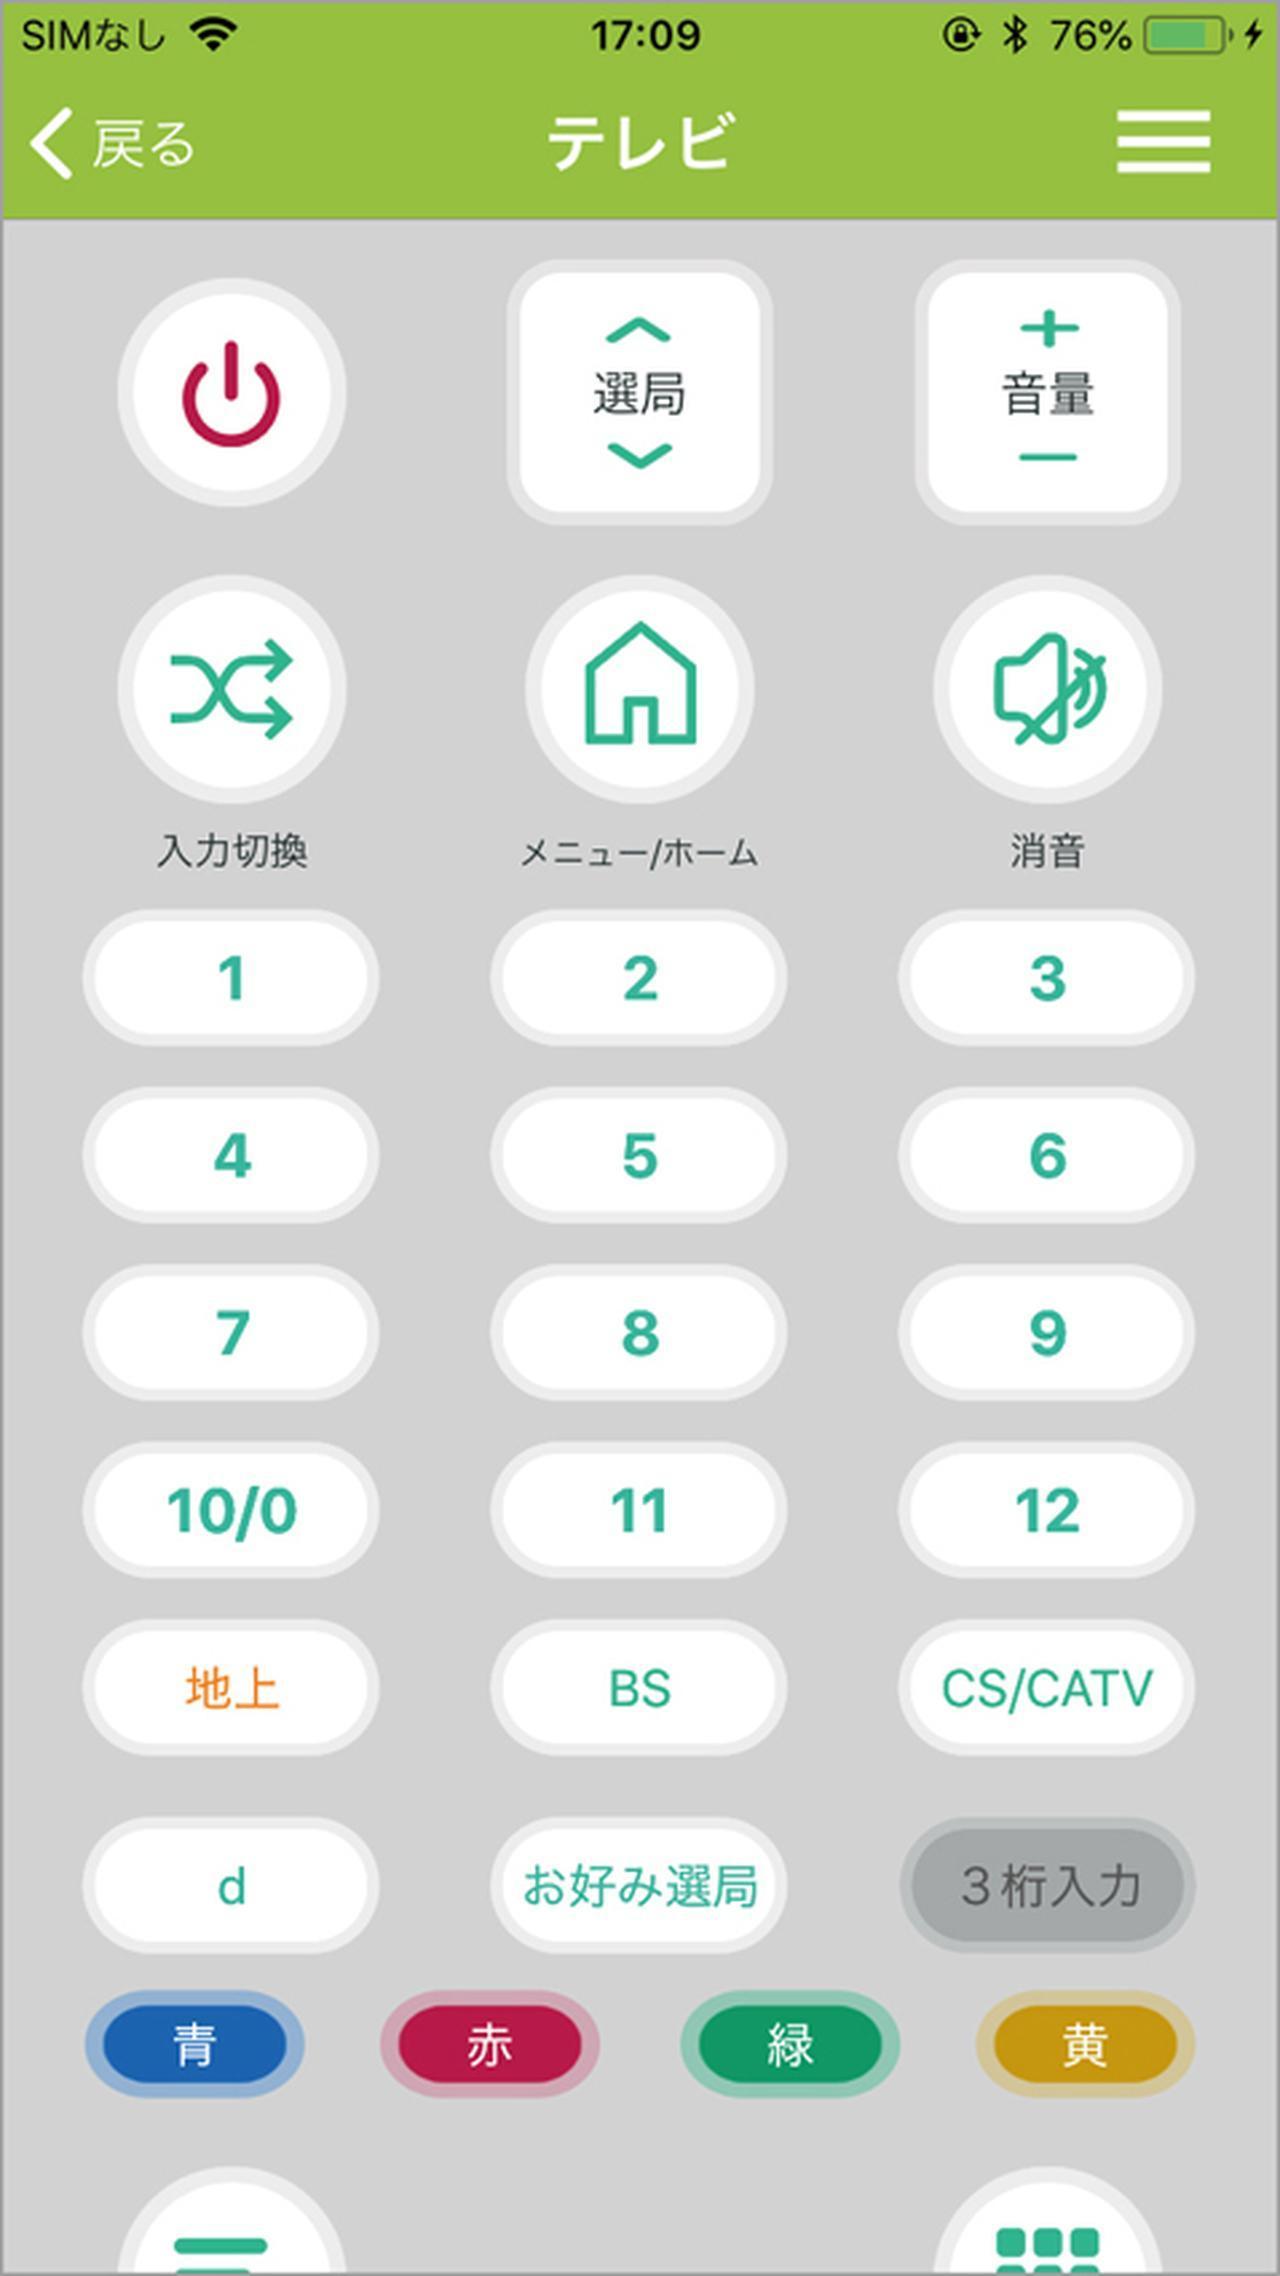 画像: スマホアプリで操作した内容をコントローラー部から送信することで、さまざまな家電を制御できる。